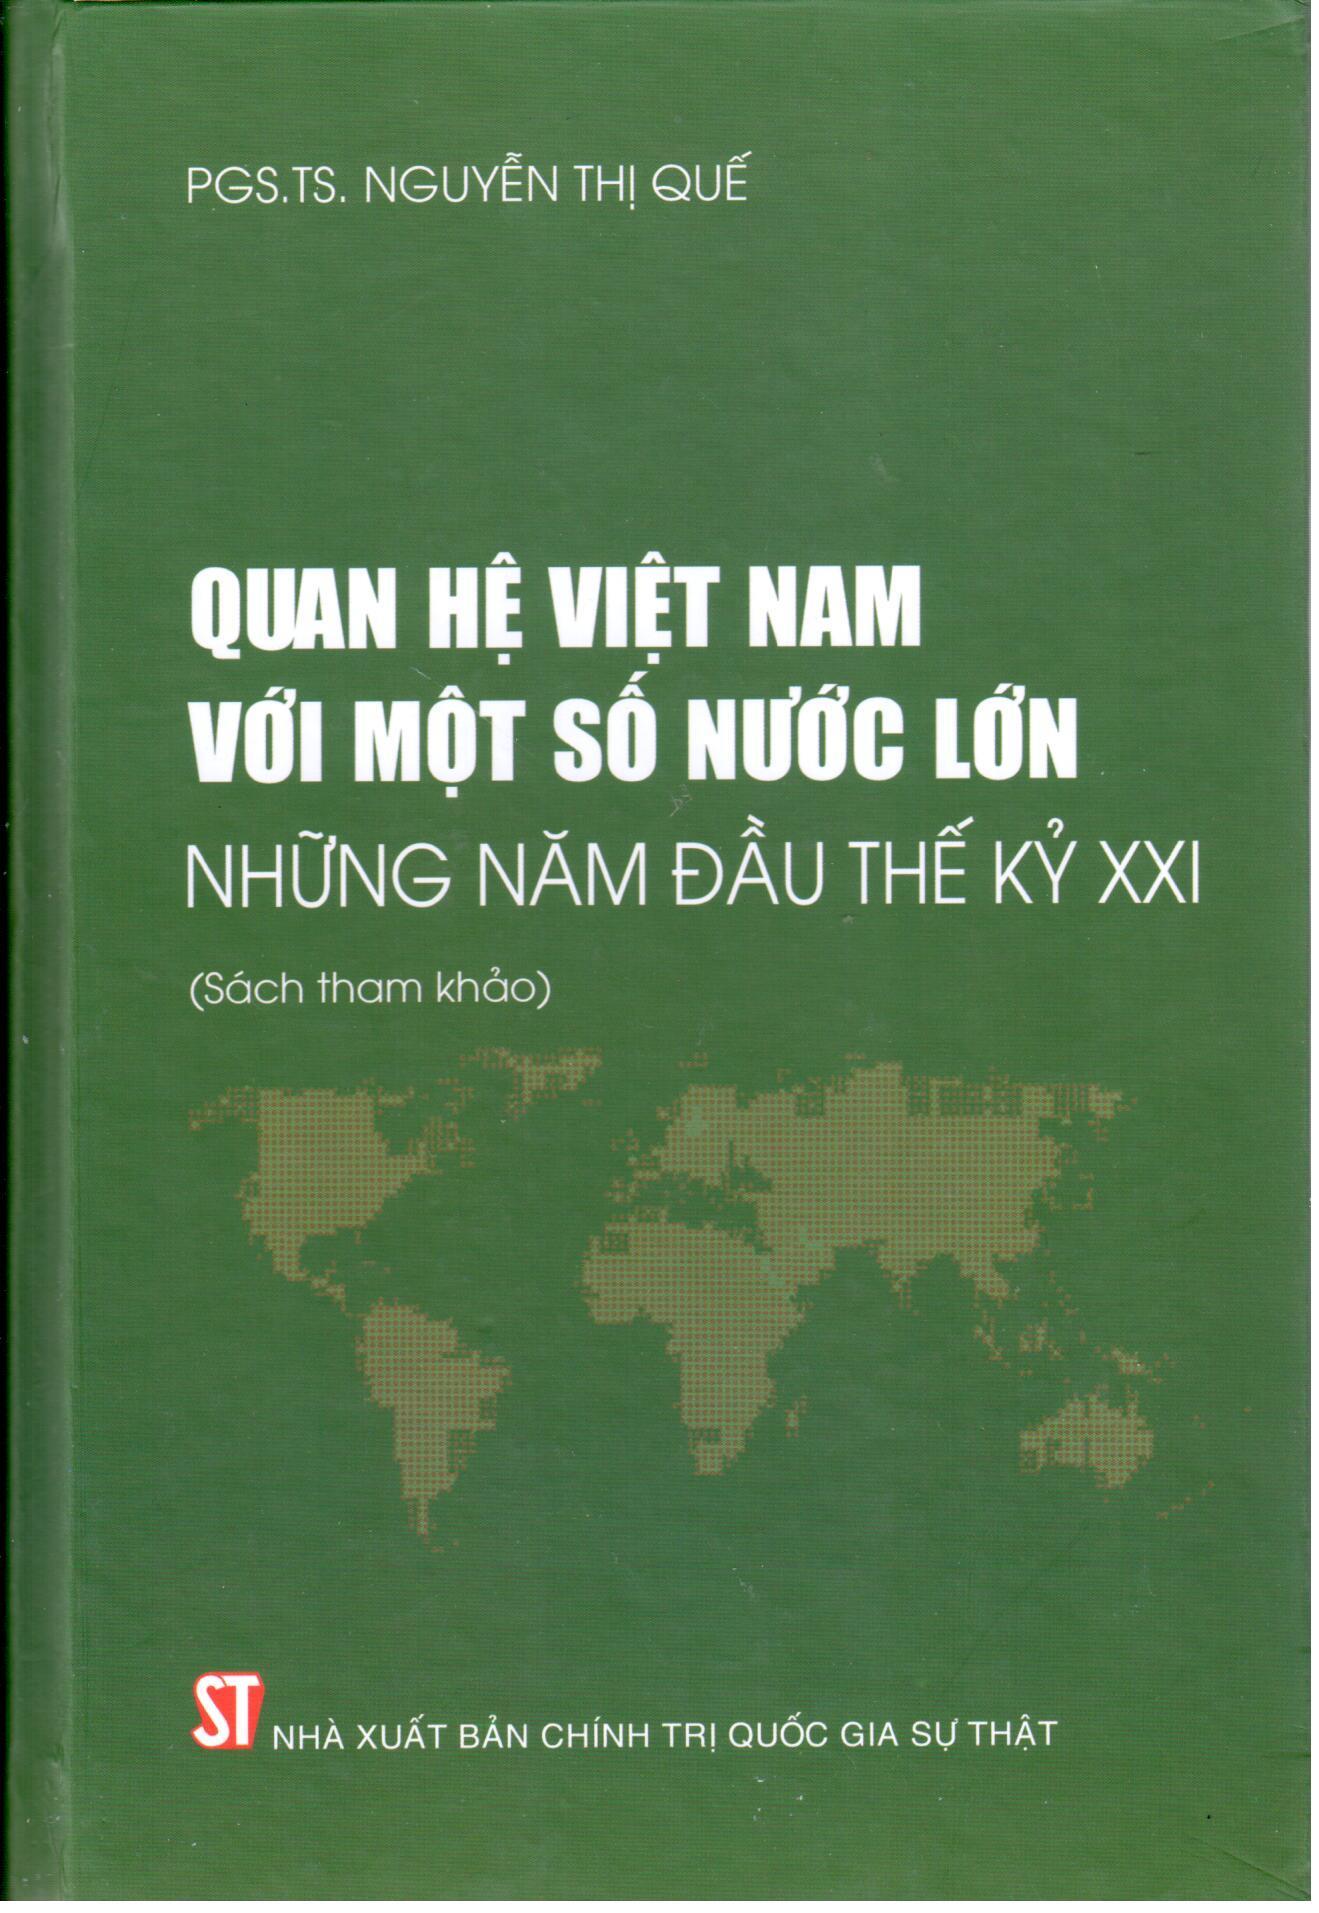 Quan hệ Việt Nam với một số nước lớn những năm đầu thế kỷ XXI (Sách tham khảo)